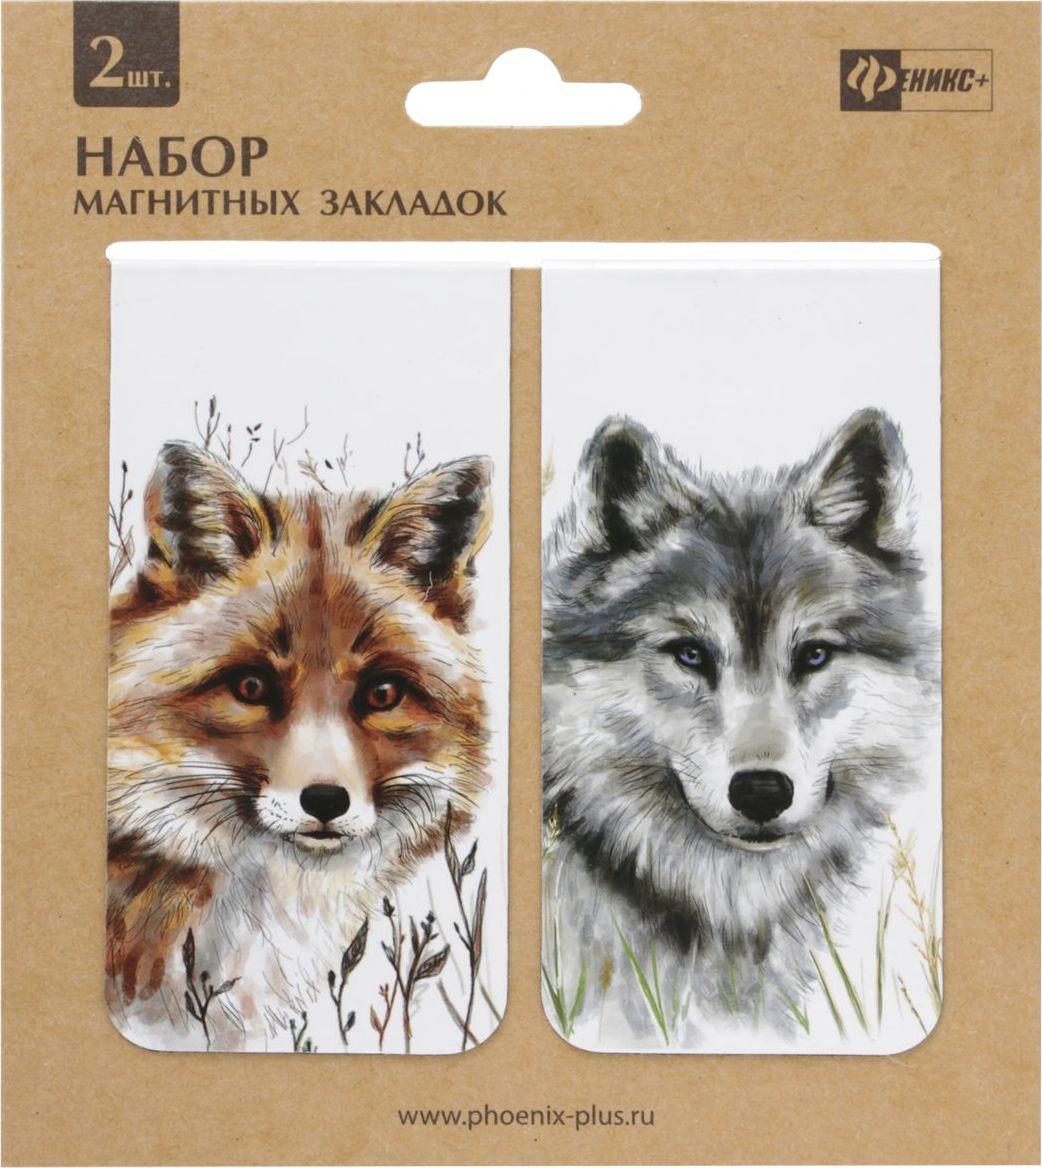 Феникс+ Набор магнитных закладок Животные 2 штFS-00897Набор магнитных закладок для книг. В наборе: 2 закладки.Размер закладки: 8,9 х 4,5 см. Мелованная бумага на магнитной полосе, полноцветная печать с ламинацией.